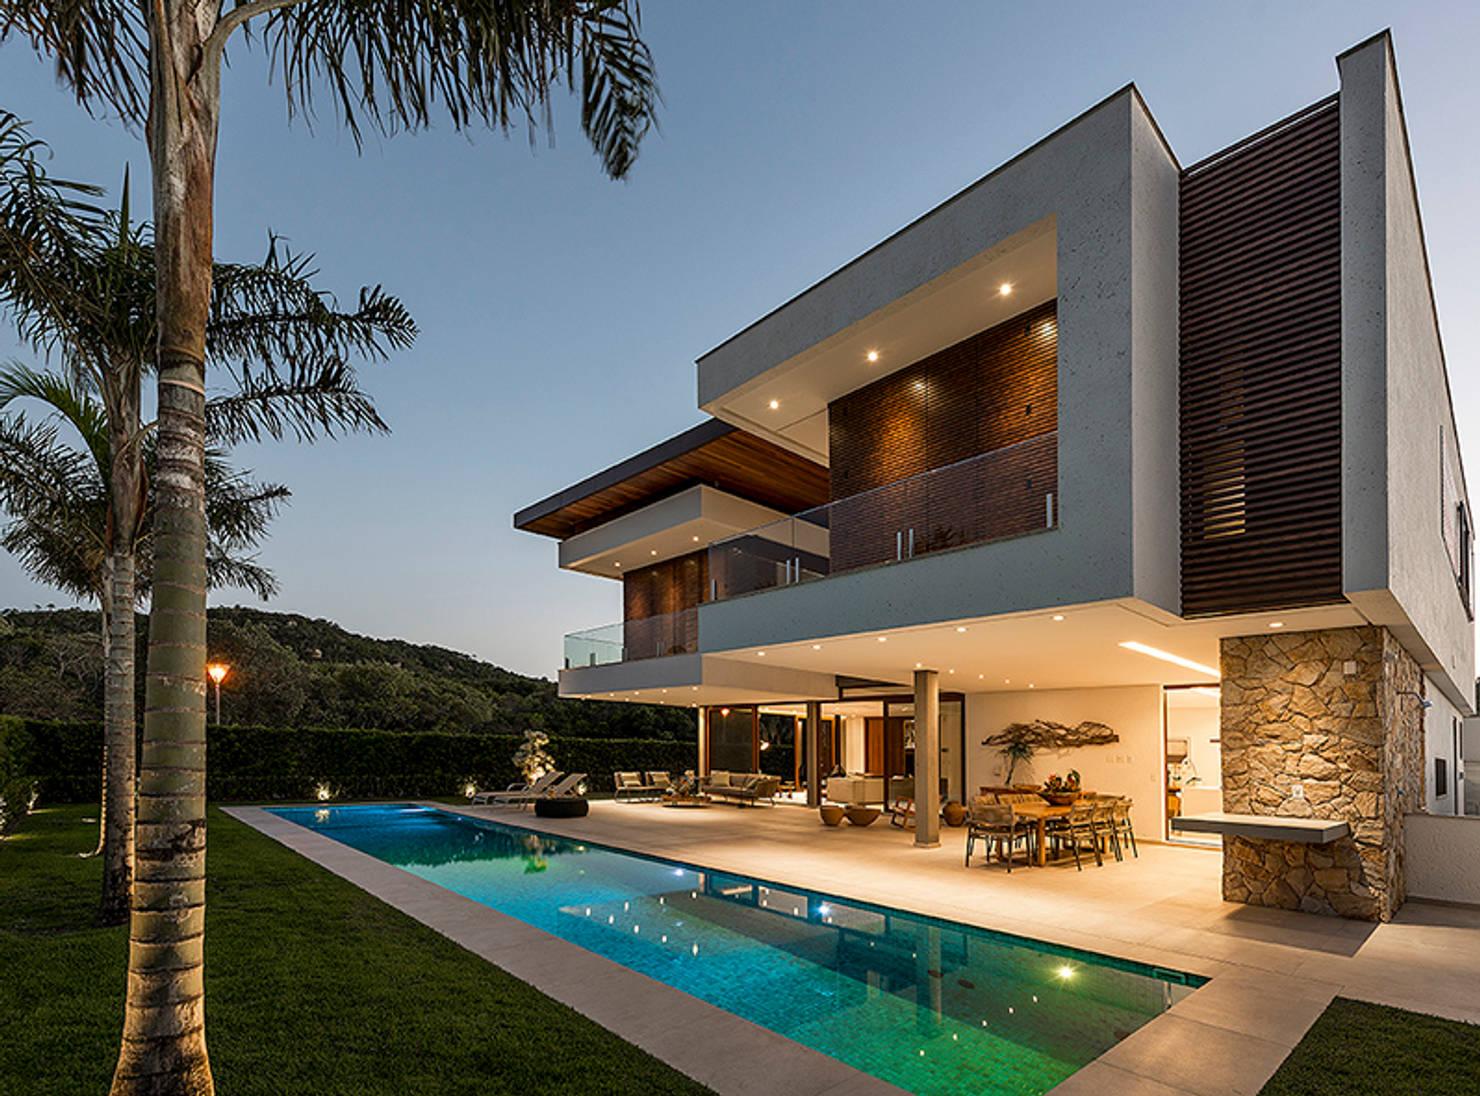 Uma casa definida pela integração e fluidez dos espaços